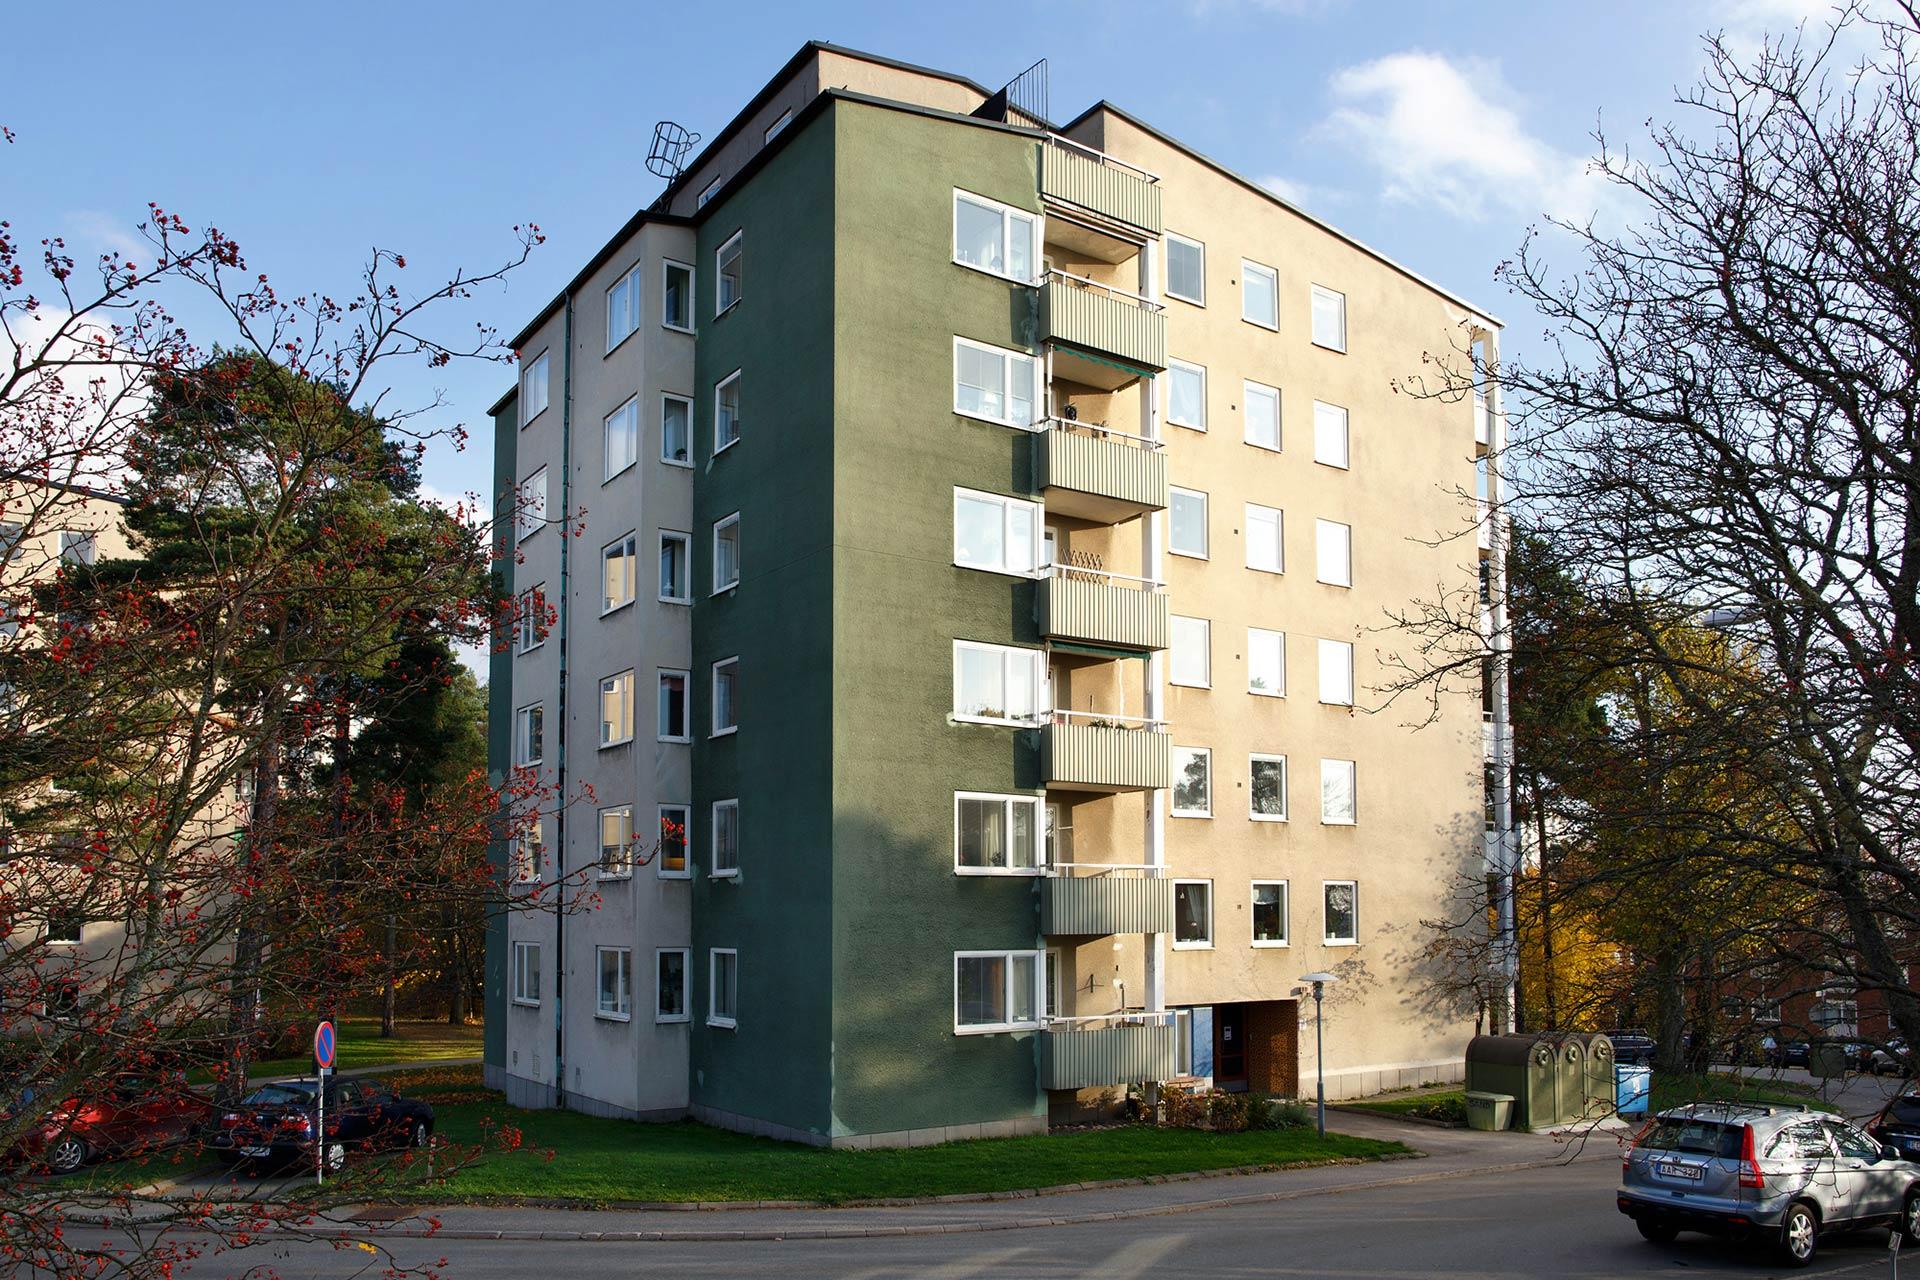 Farkostvägen 10, Lidingö